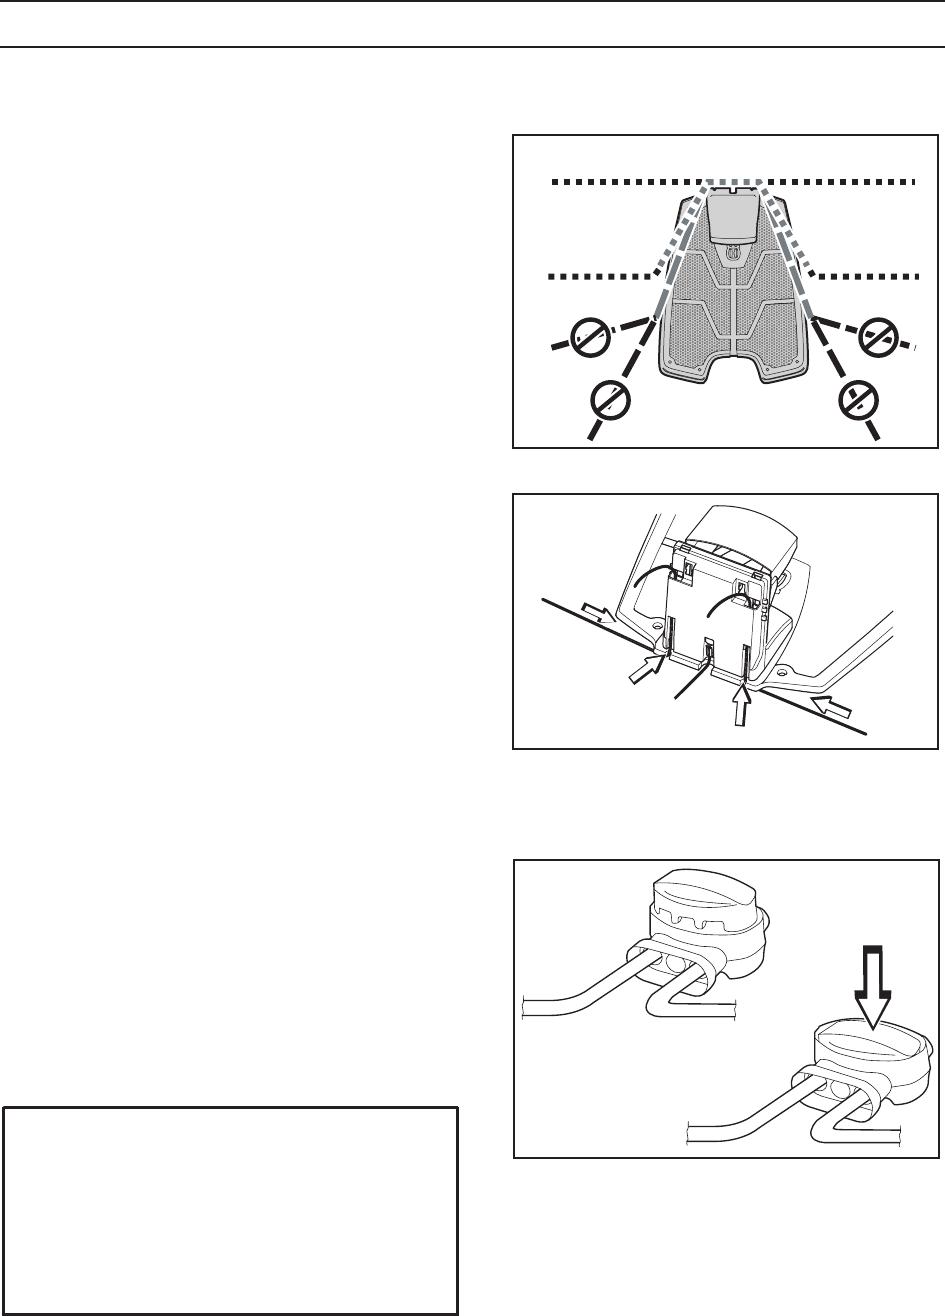 bedienungsanleitung husqvarna automower 220 ac seite 28 von 80 deutsch. Black Bedroom Furniture Sets. Home Design Ideas